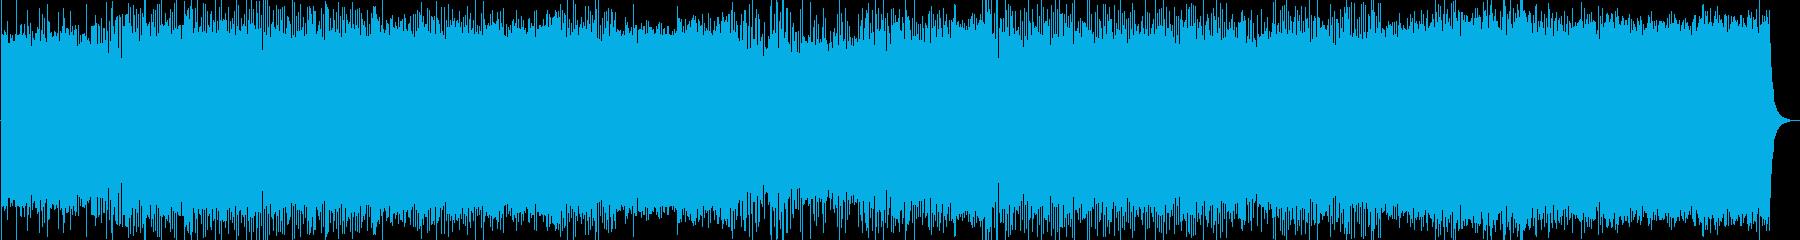 ポストロックのインストゥルメンタルの再生済みの波形